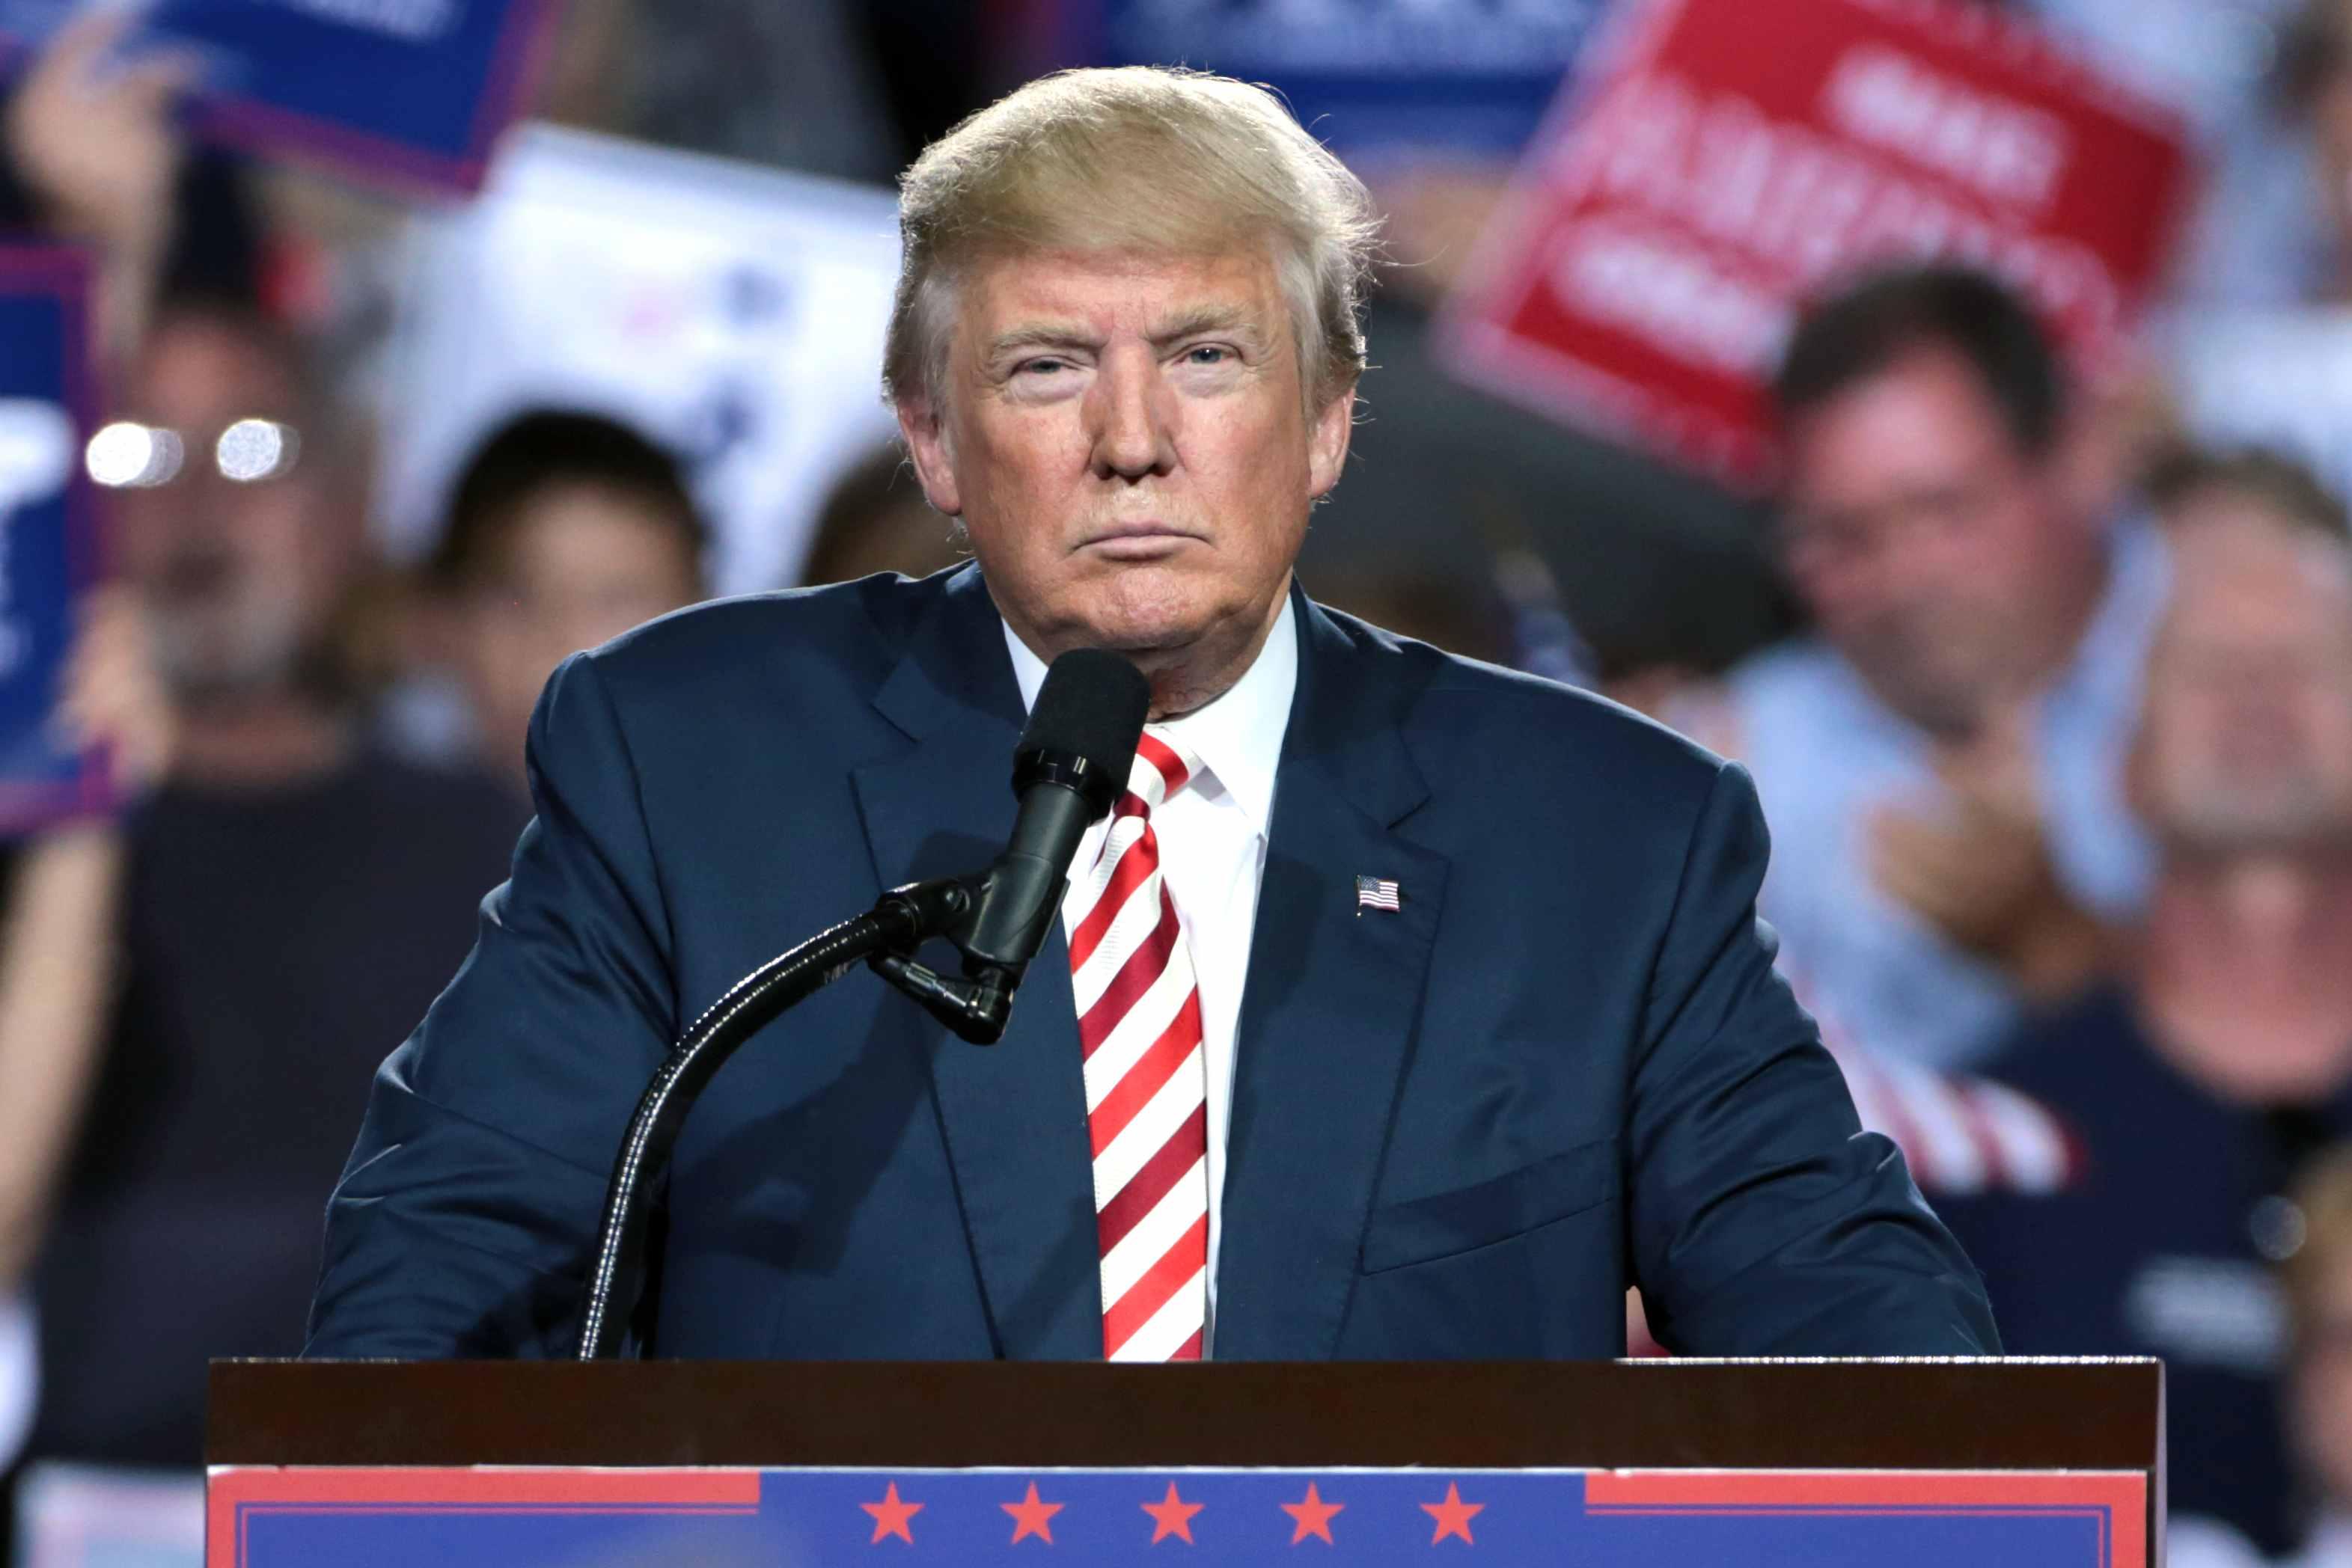 El mandatario de EE.UU. no quiso revelar los temas a discutir y añadió que del encuentro no va a salir nada malo